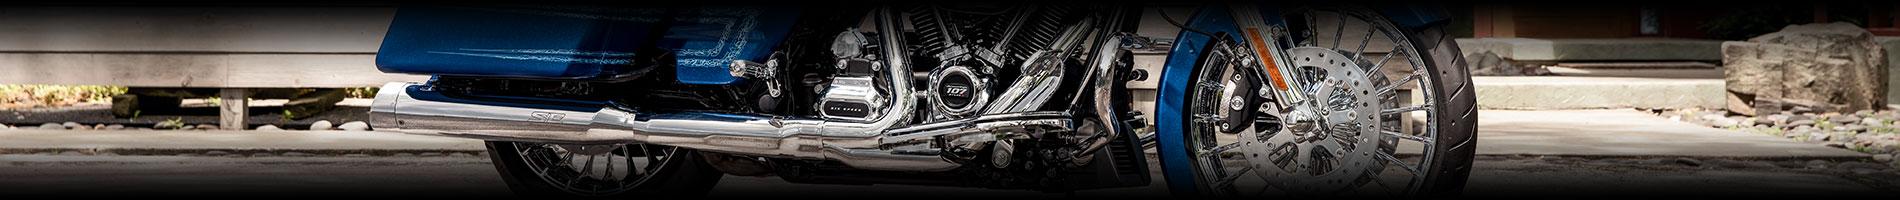 About Tripps Harley-Davidson